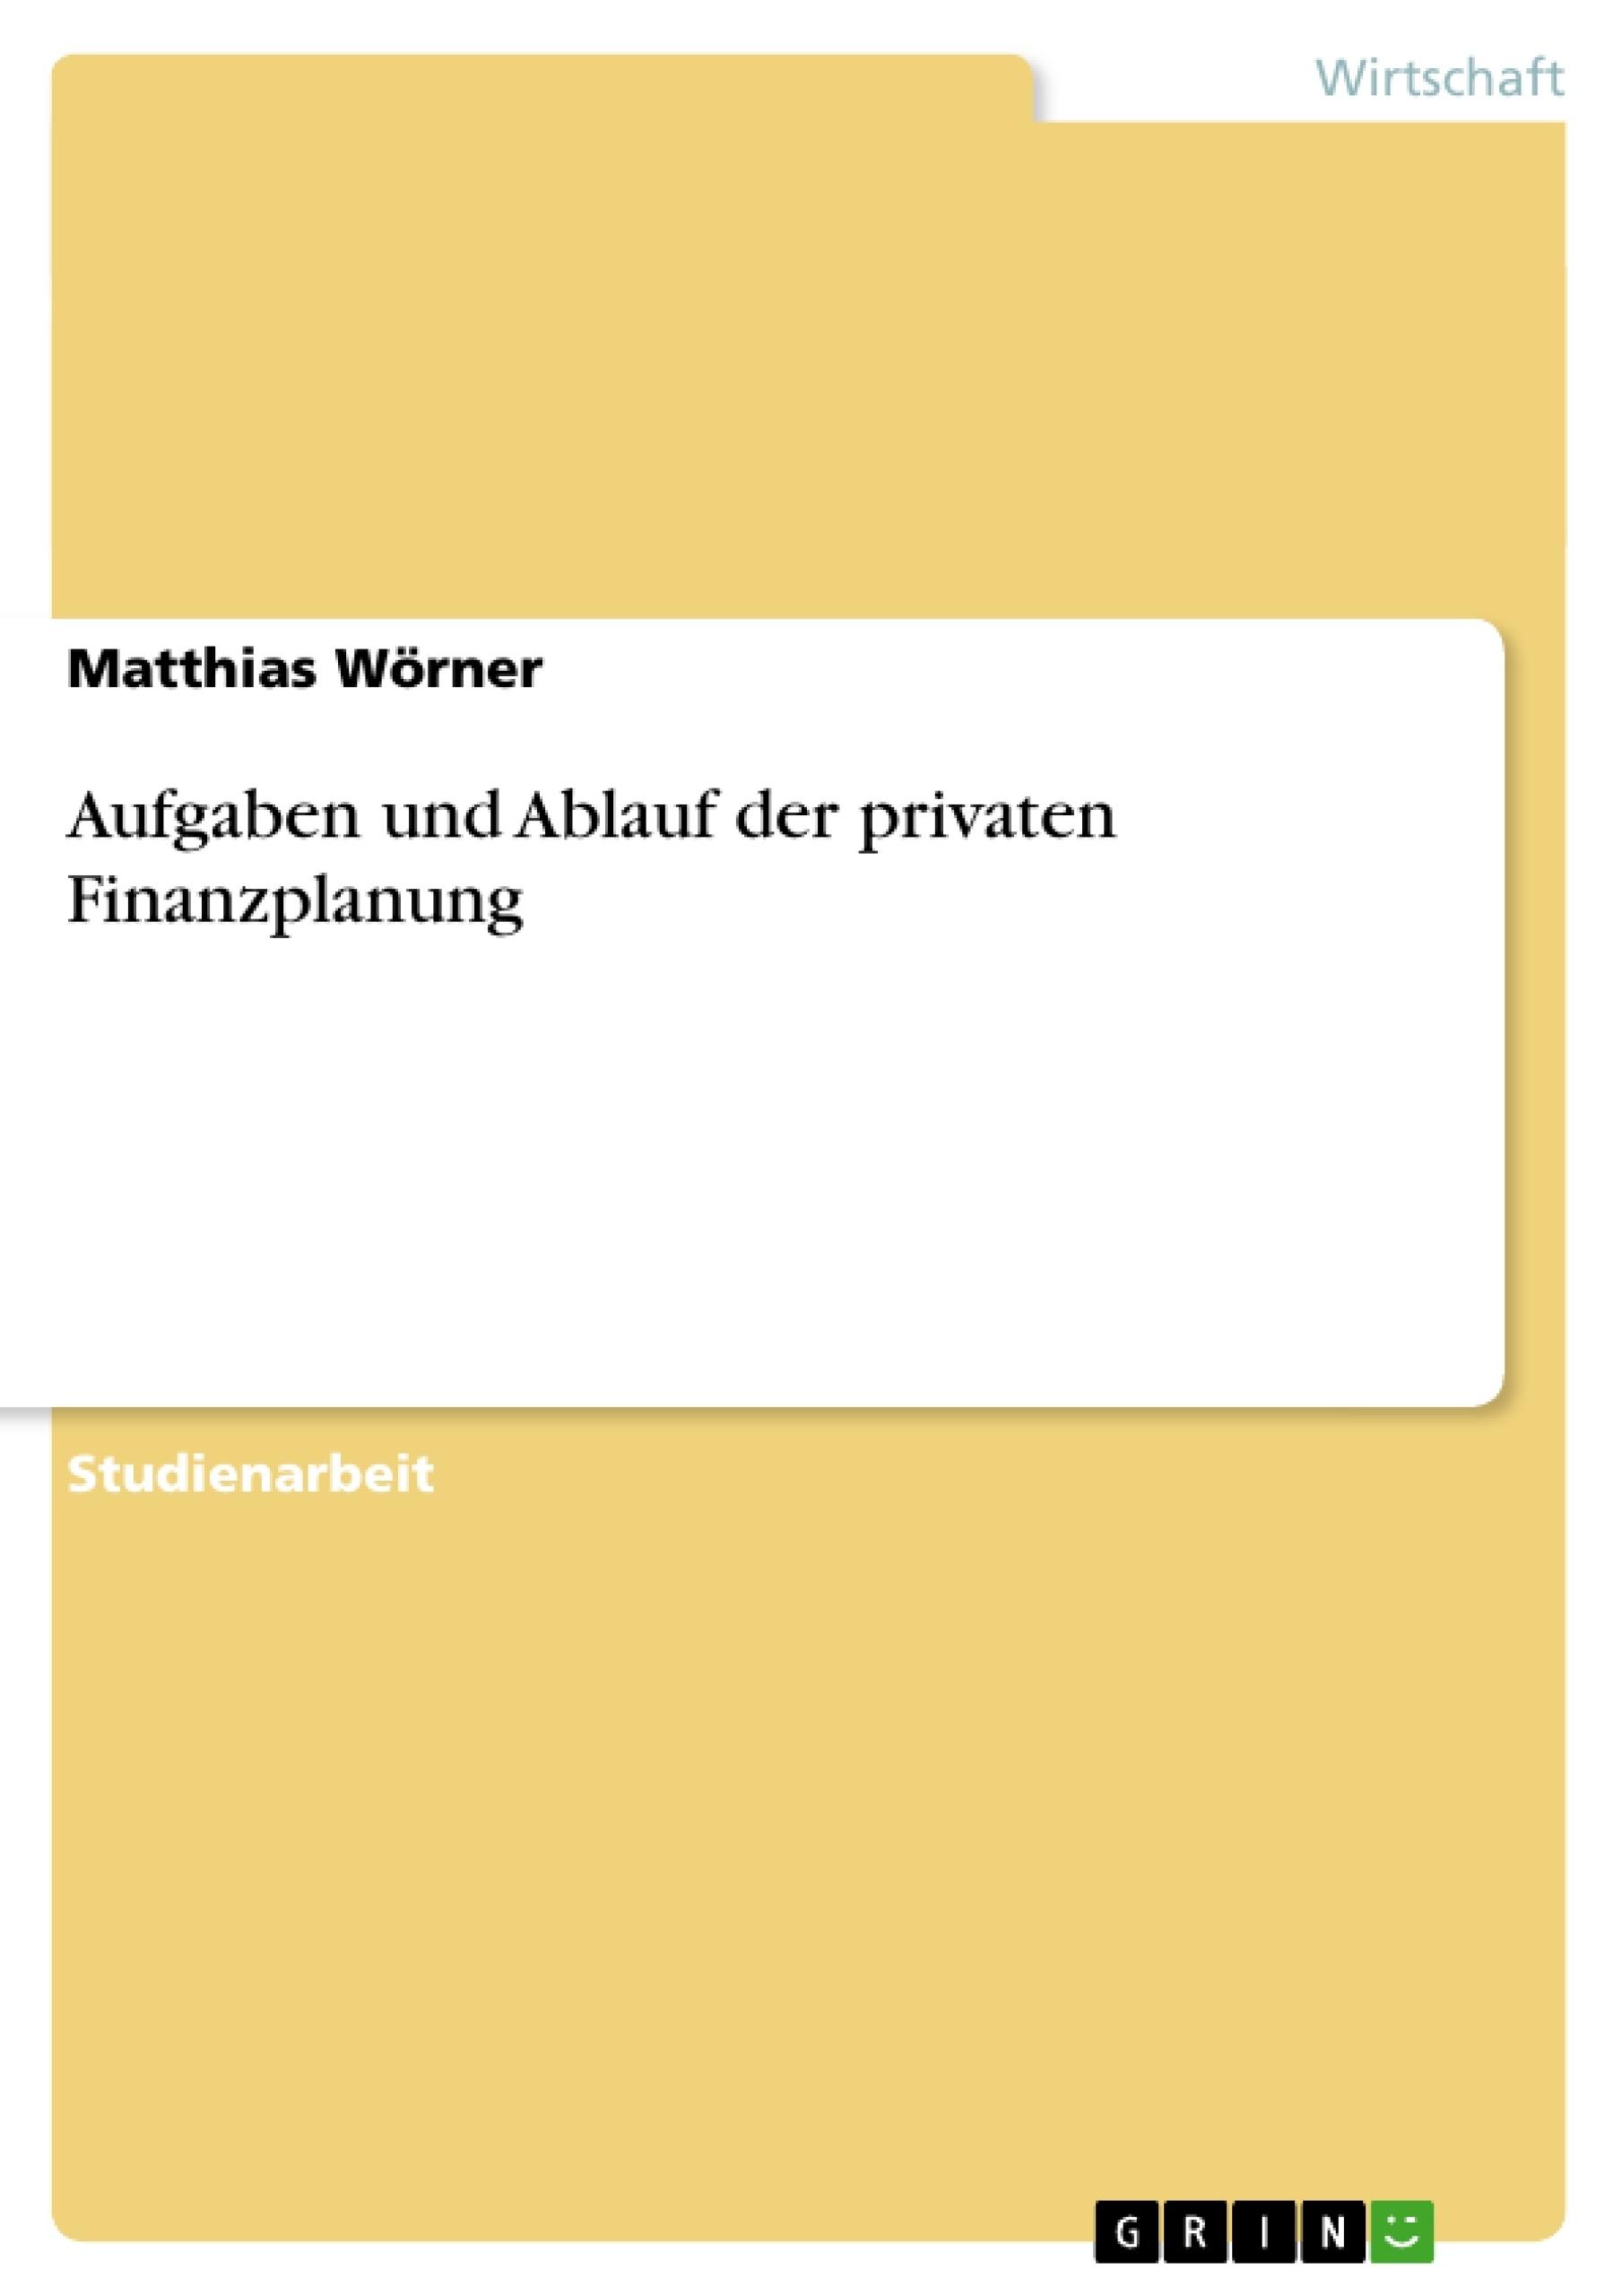 Titel: Aufgaben und Ablauf der privaten Finanzplanung